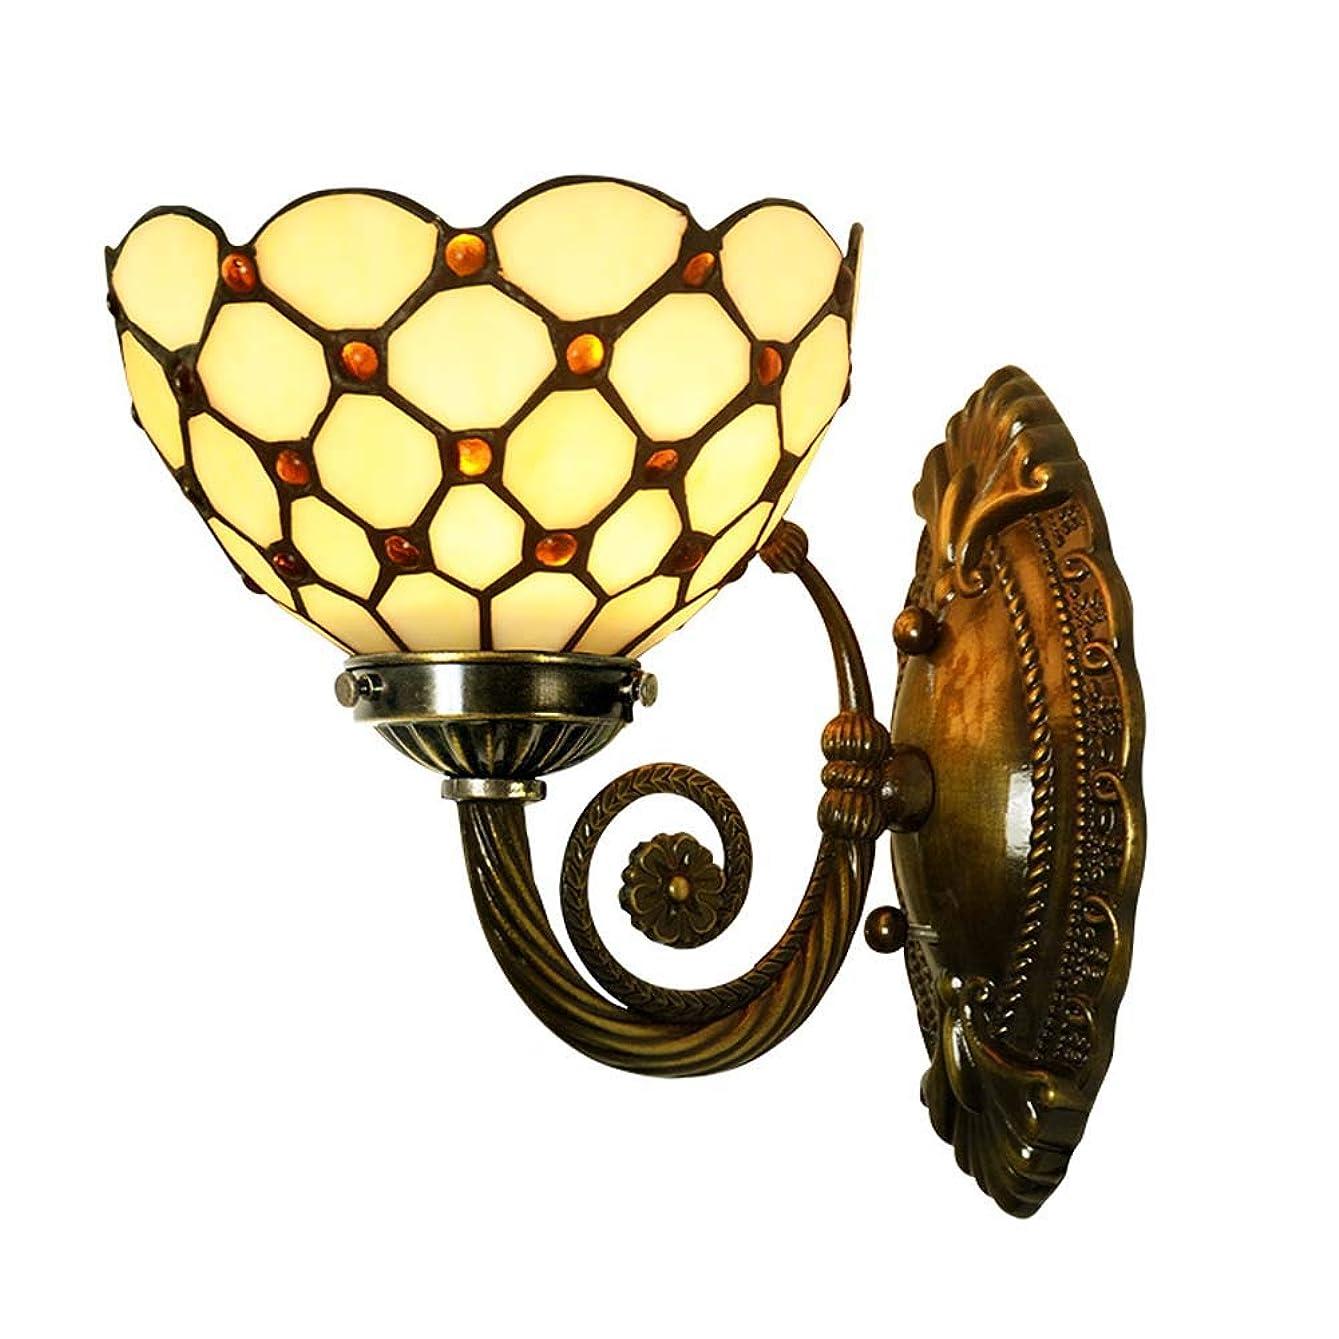 ショット無礼に別れるティファニースタイルブラケットライト、ビーズデザインピュア銅ウォールランプ、ユーロ浴室の壁ライトカフェホテルクラブアートコリドーライ